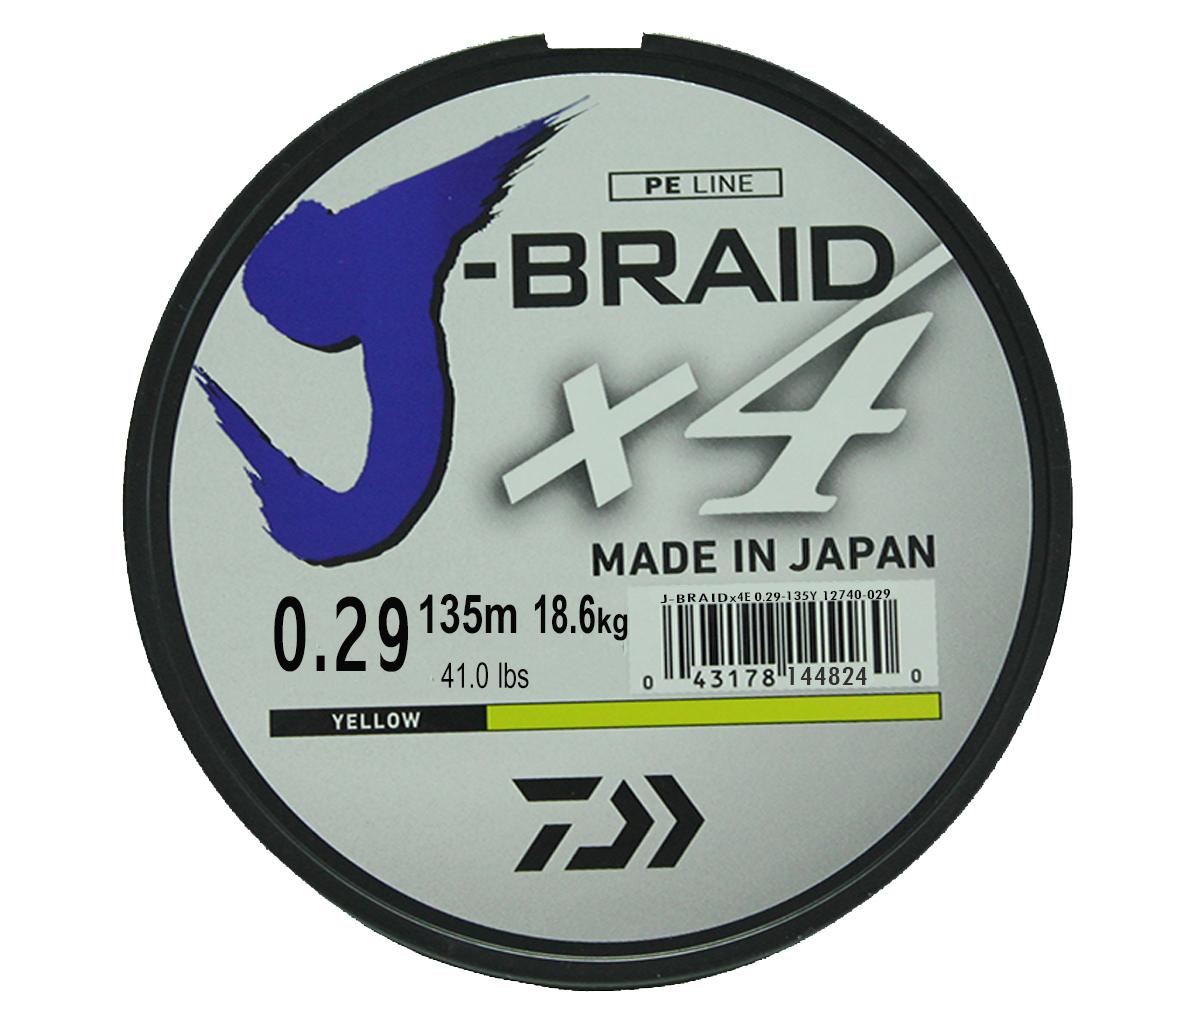 Шнур плетеный Daiwa J-Braid X4, цвет: флуоресцентный желтый, 135 м, 0,29 мм111726.937Новый 4х жильный шнур J-Braid, DAIWA - шнур высокого класса с удивительным соотношением цены и качества. Качество плетения полностьюсоответствует японским стандартам и удовлетворяет всем требованиям. Представленные диаметры позволяют использовать шнур для всех техникловли, начиная от ultra- light ловли окуня, до морской ловли палтуса, трески и т.д